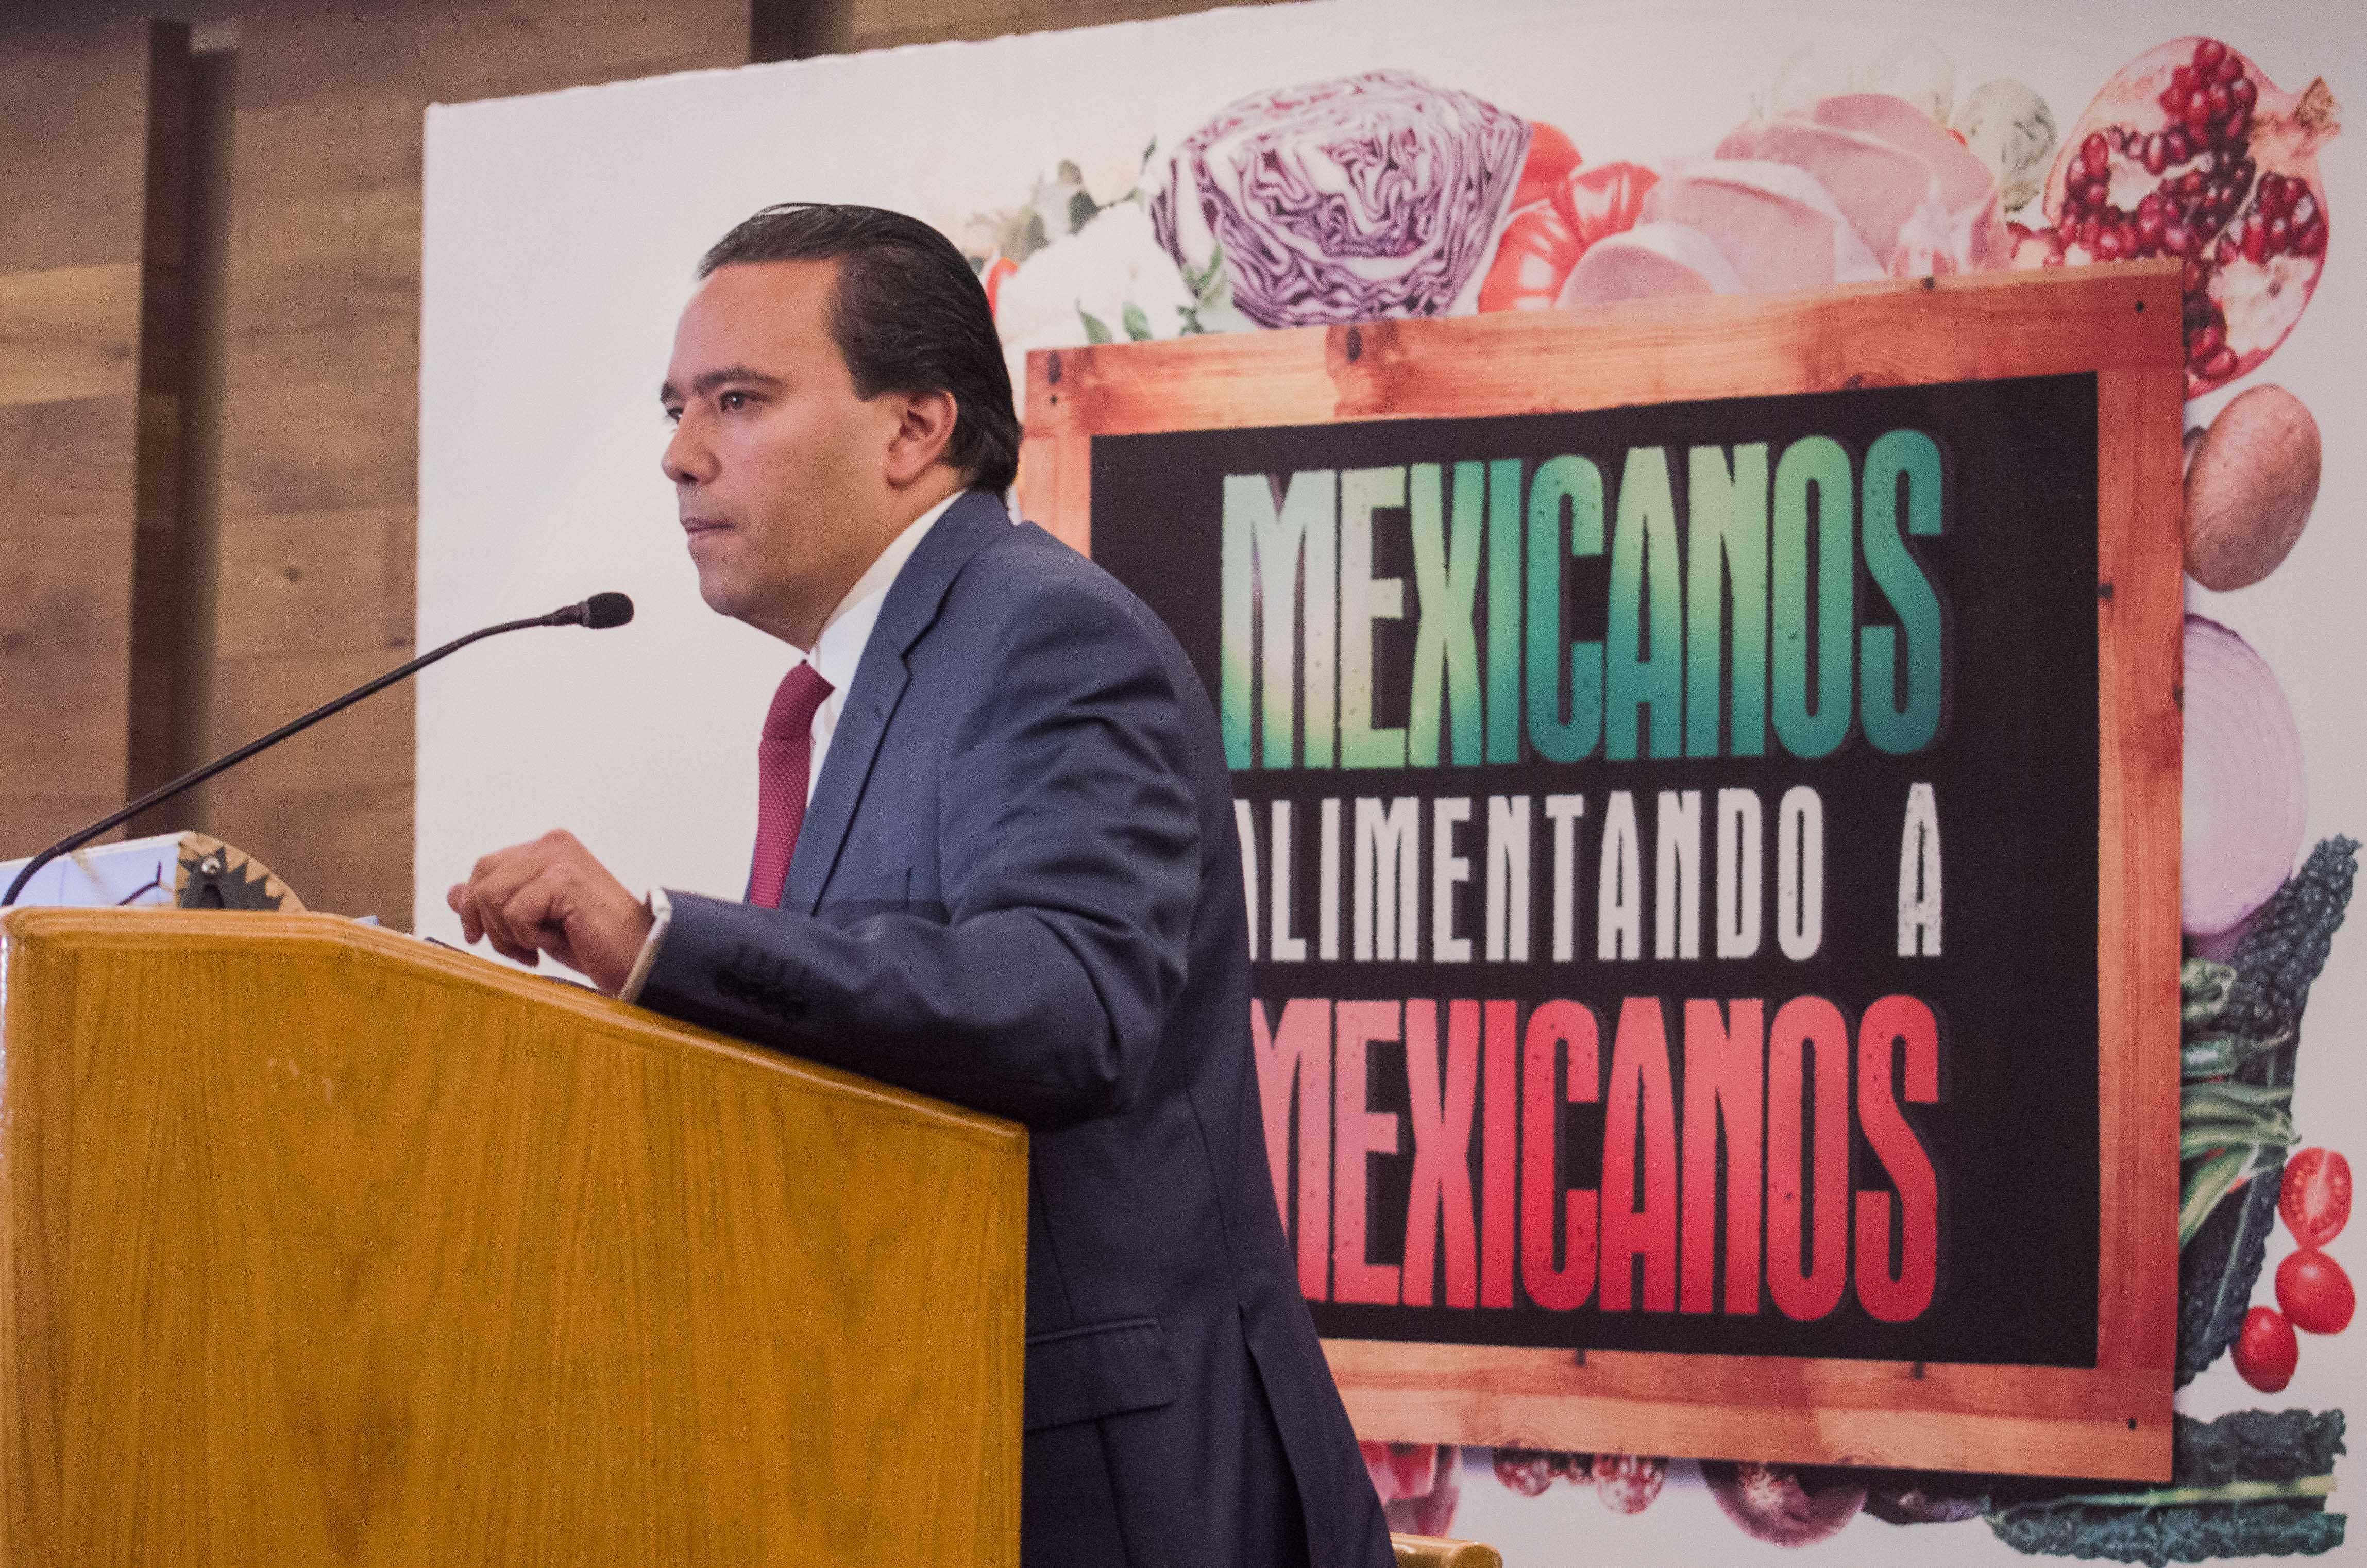 México es la 11 economía del mundo y en materia agroalimentaria es el lugar 12, pero en breve se considera posicionarnos dentro de los 10 mejores países productores de alimentos.